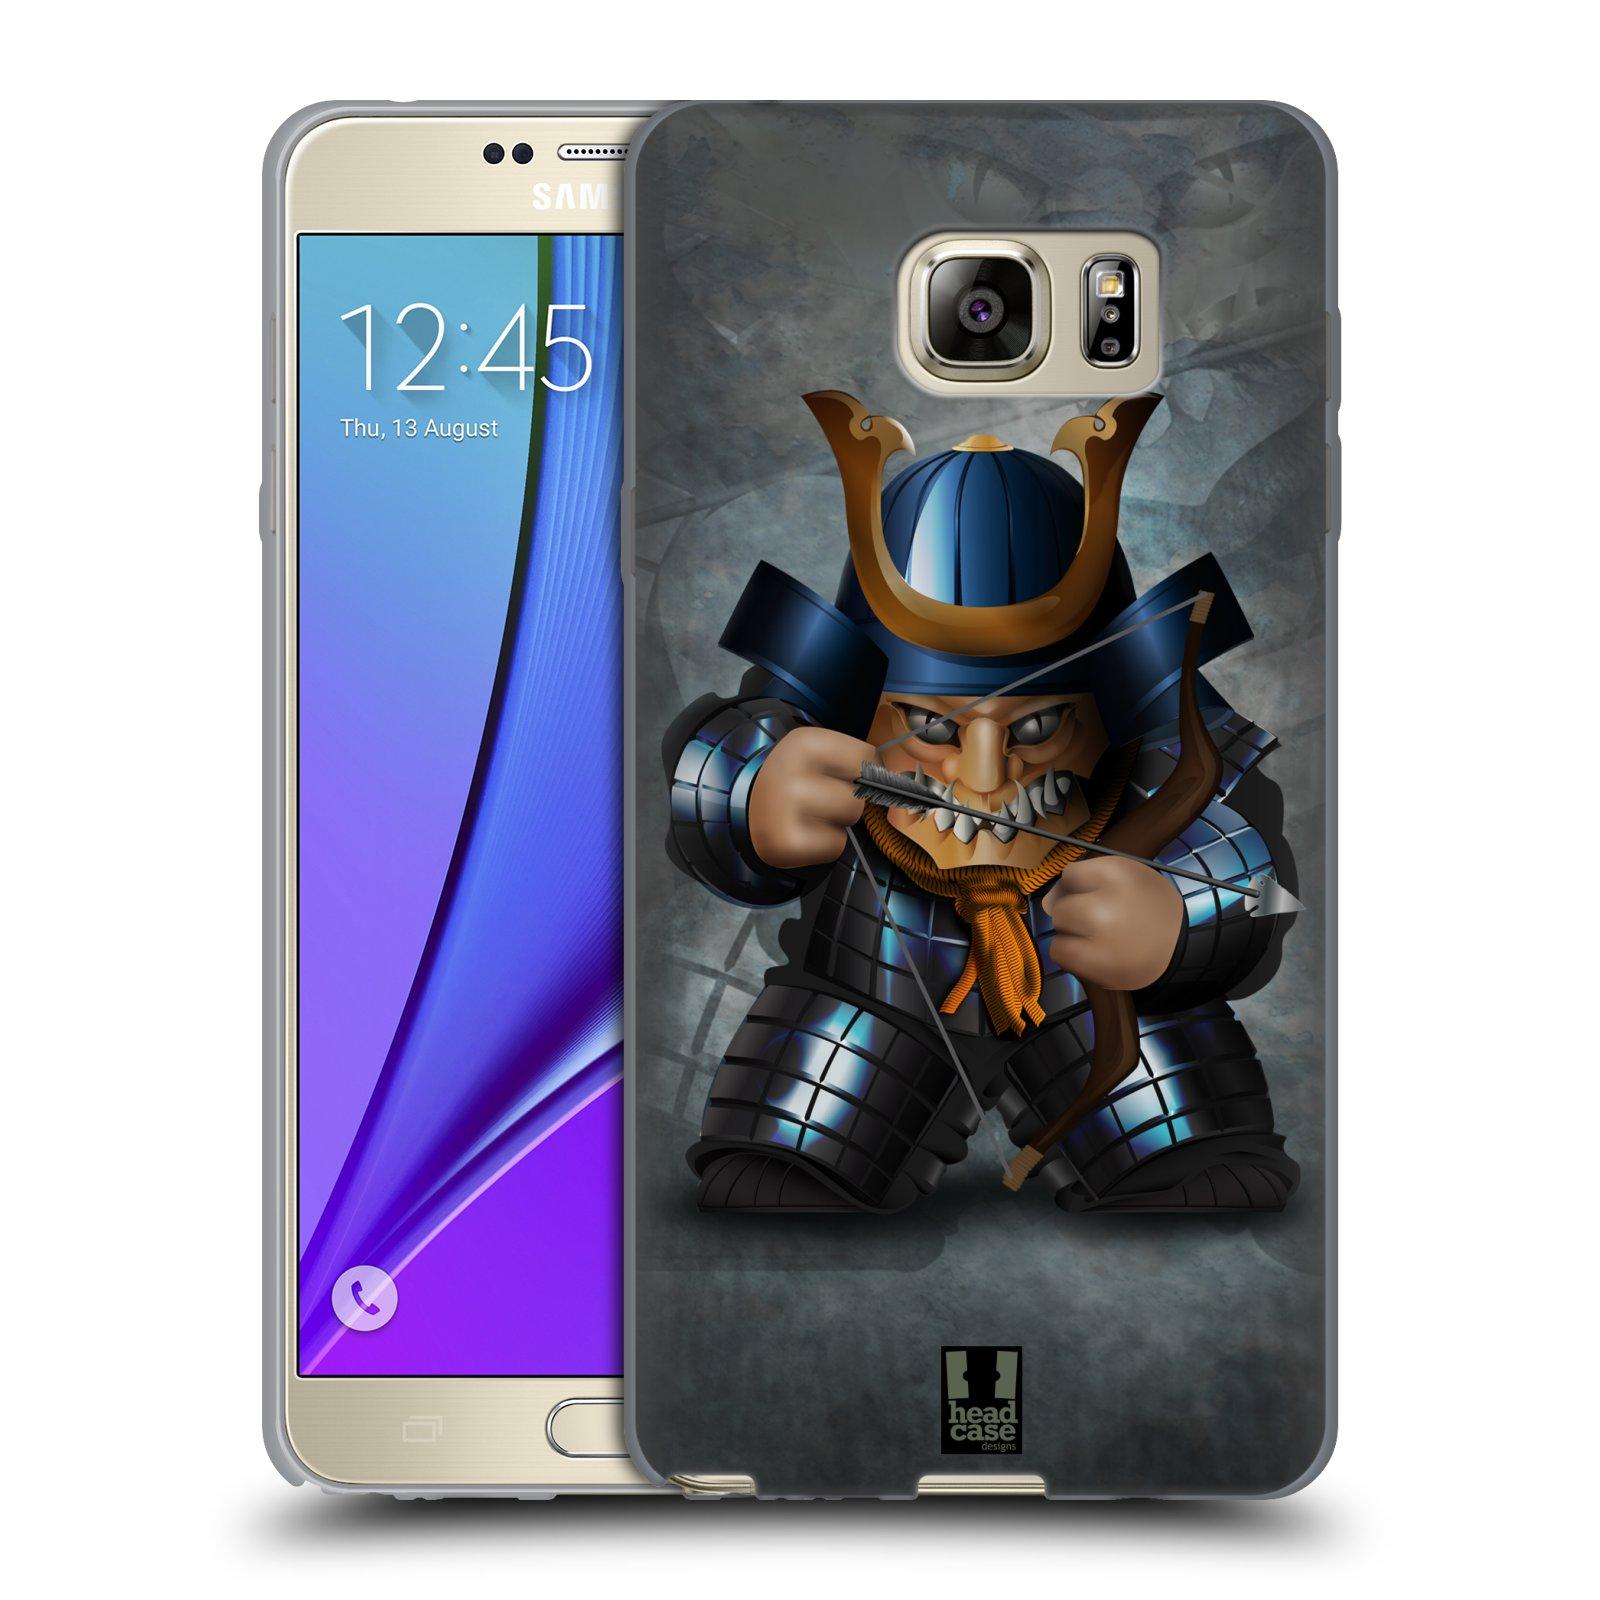 HEAD CASE silikonový obal na mobil Samsung Galaxy Note 5 (N920) vzor Malí bojovníci SHOGUN STŘELEC